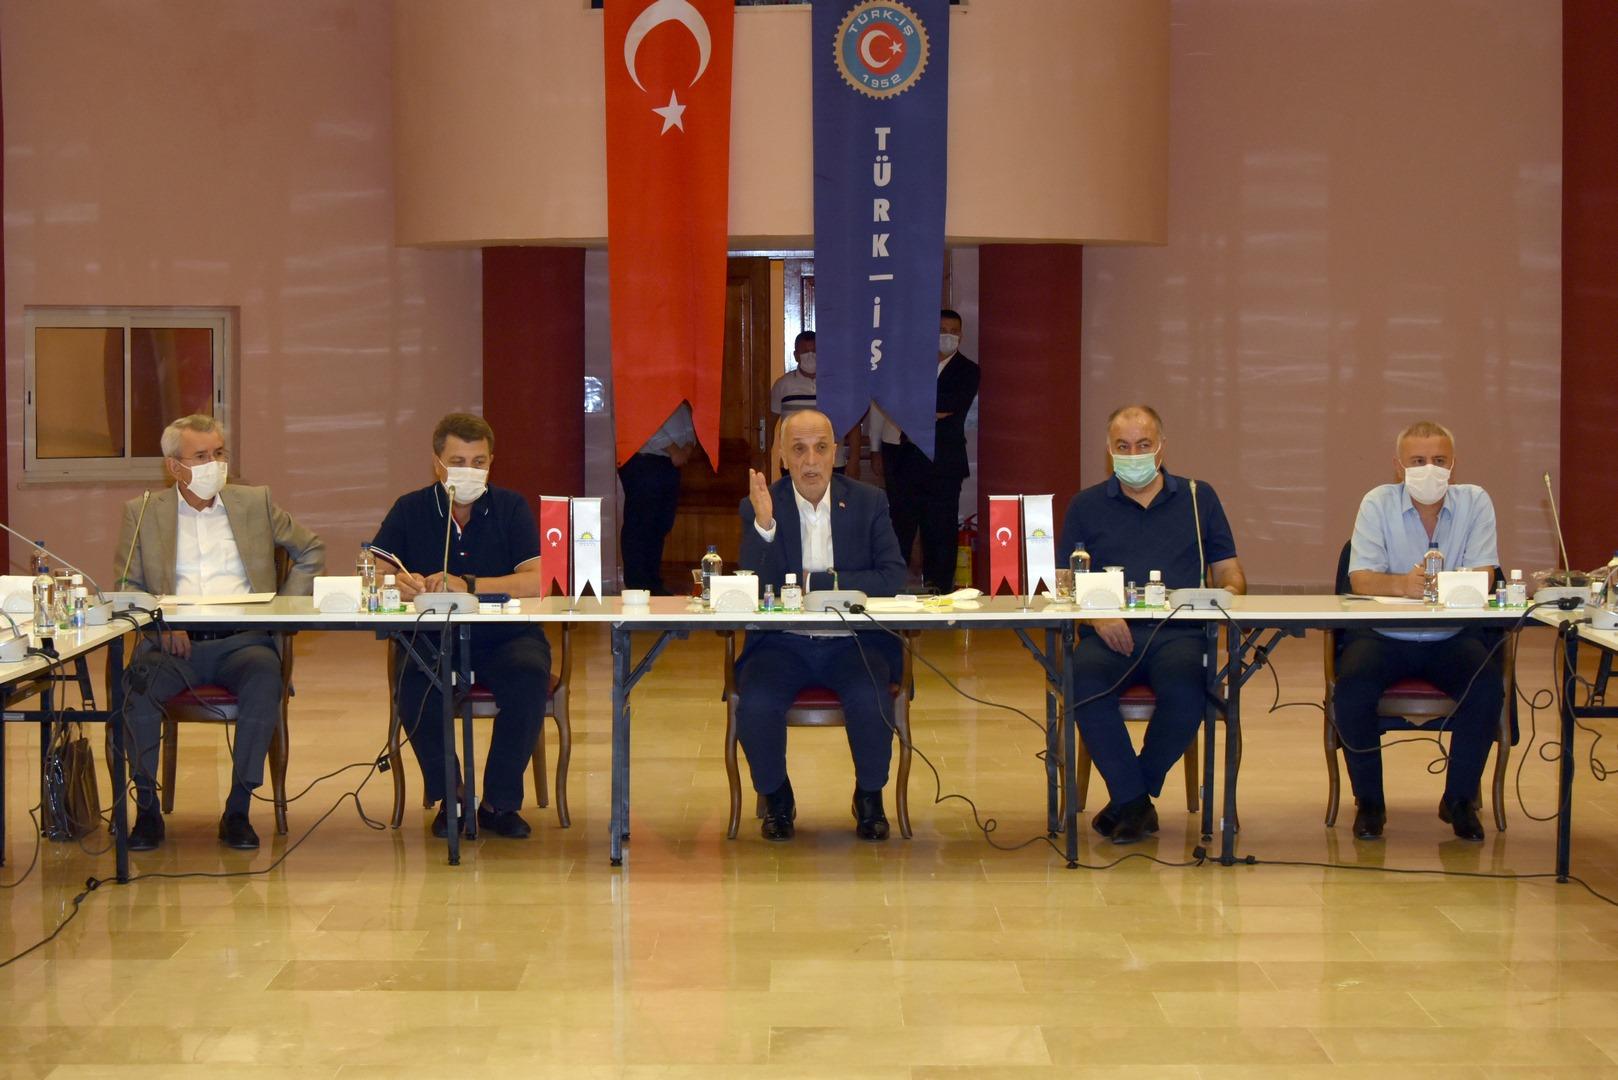 TÜRK-İŞ Başkanlar Kurulu 24. Dönem Beşinci Toplantısı 01 Eylül 2020 Salı Günü Aydın-Didim'de toplandı.